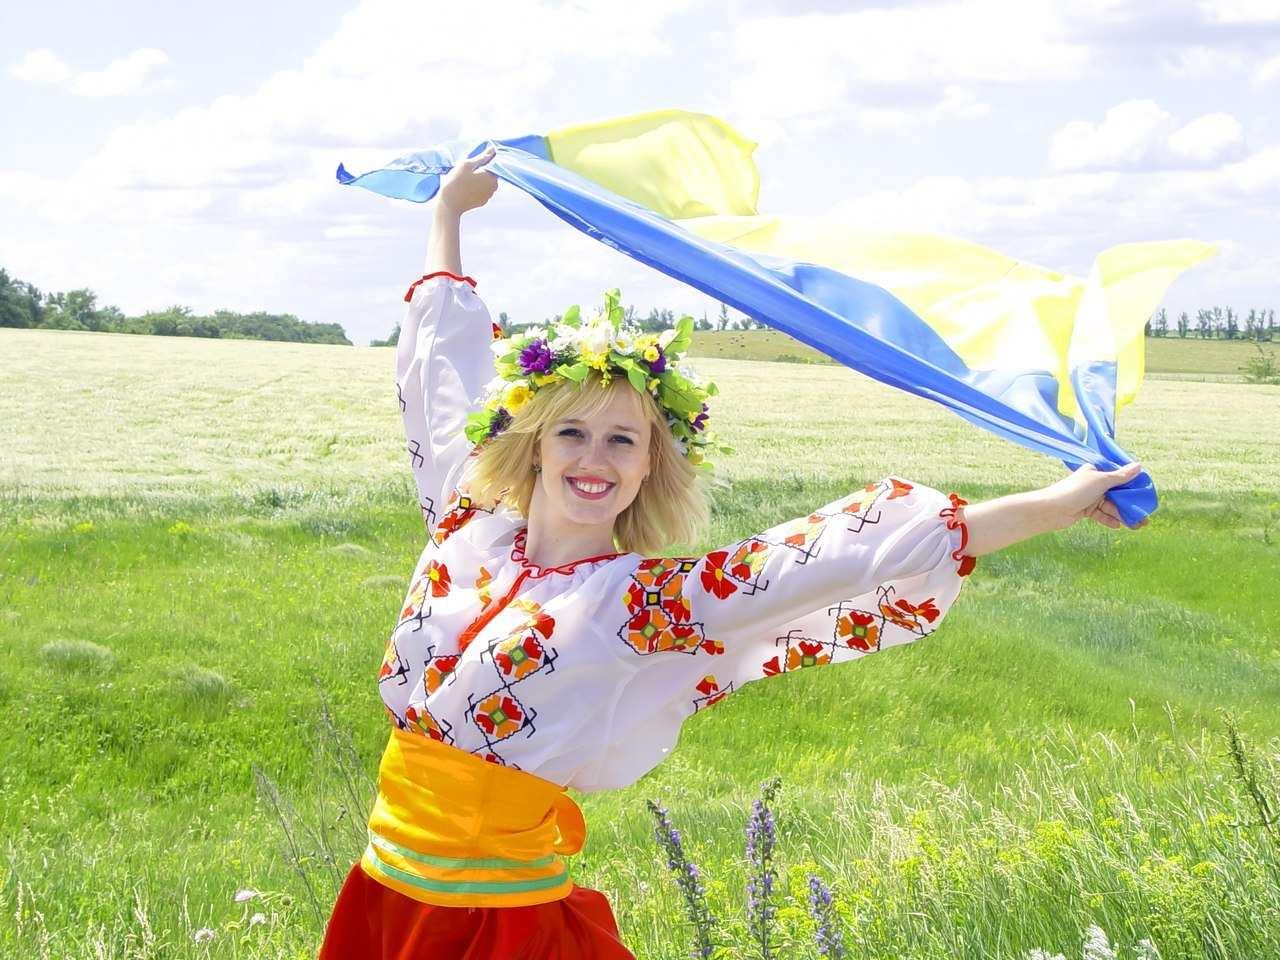 Фото дівчини в полі » Український портал - Таємна Січ e152171cd0f62